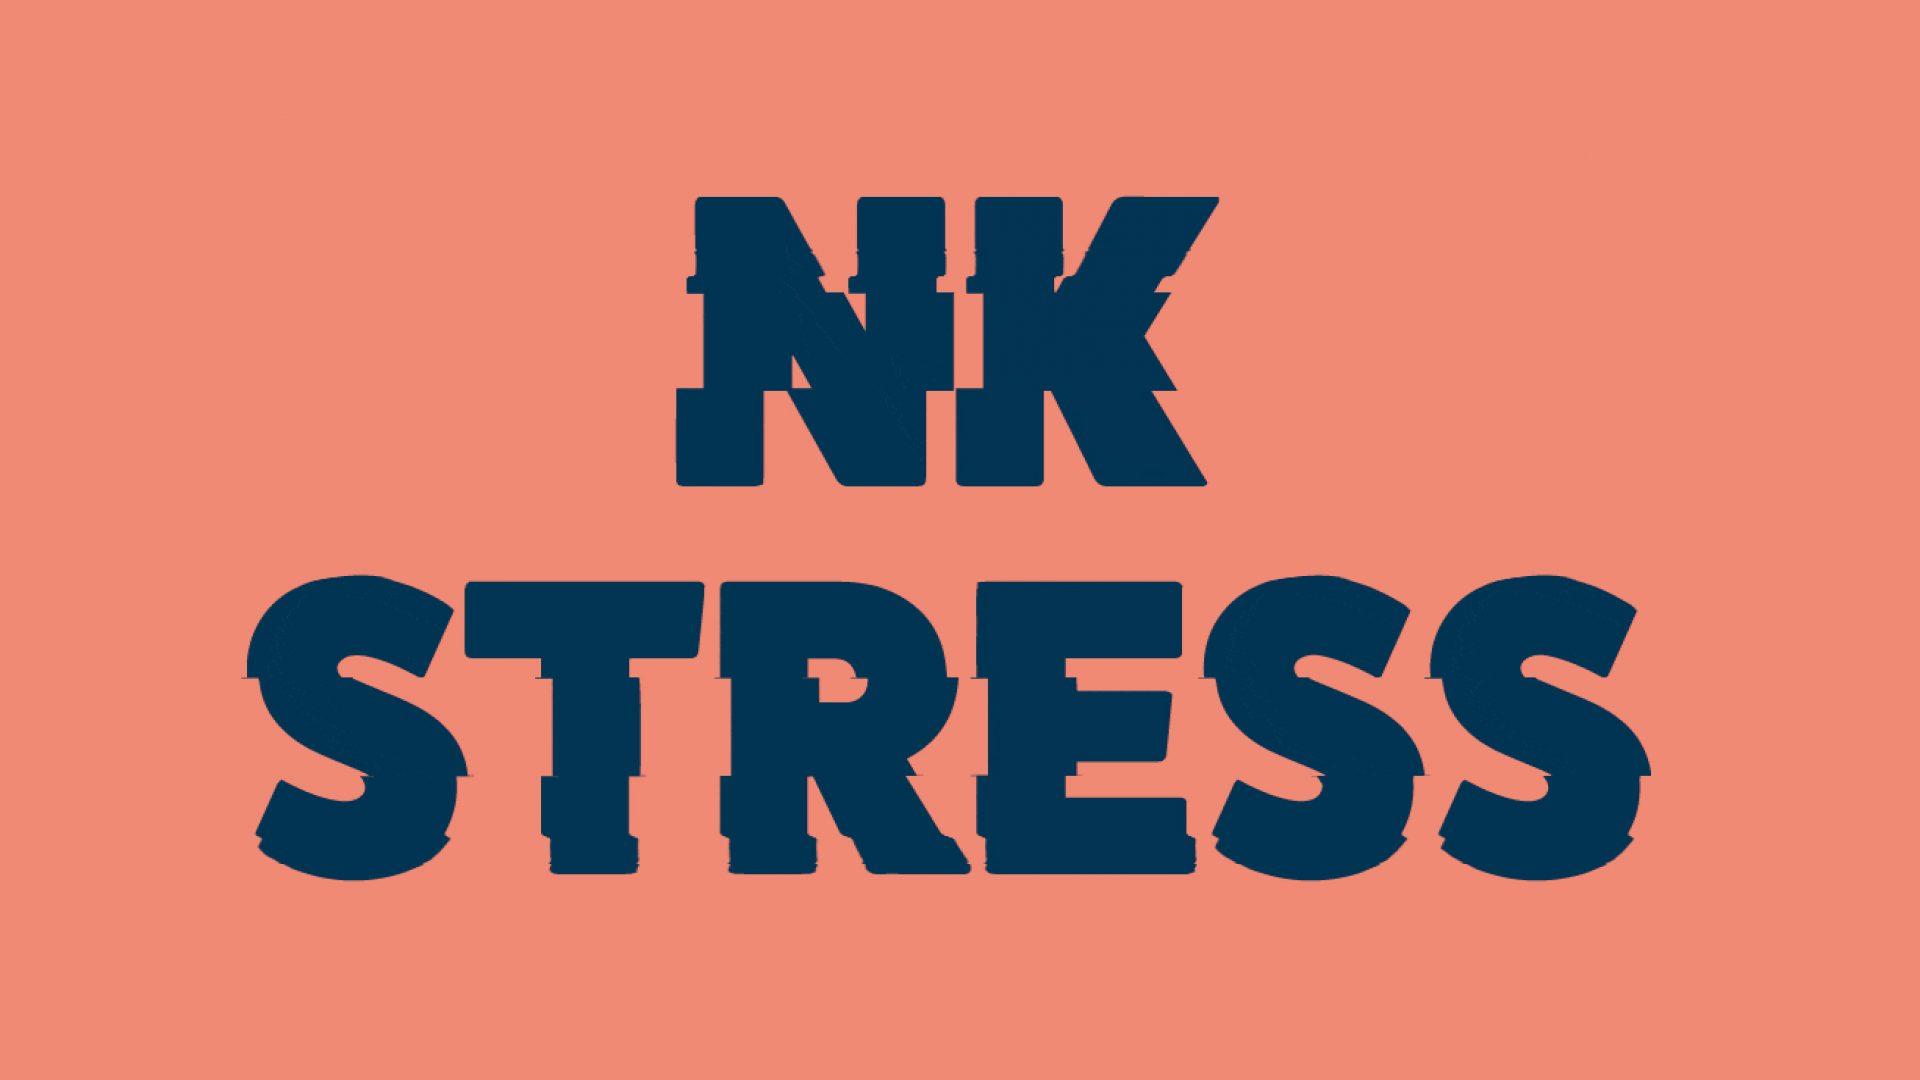 Eventmarketing NK stress in Utrecht